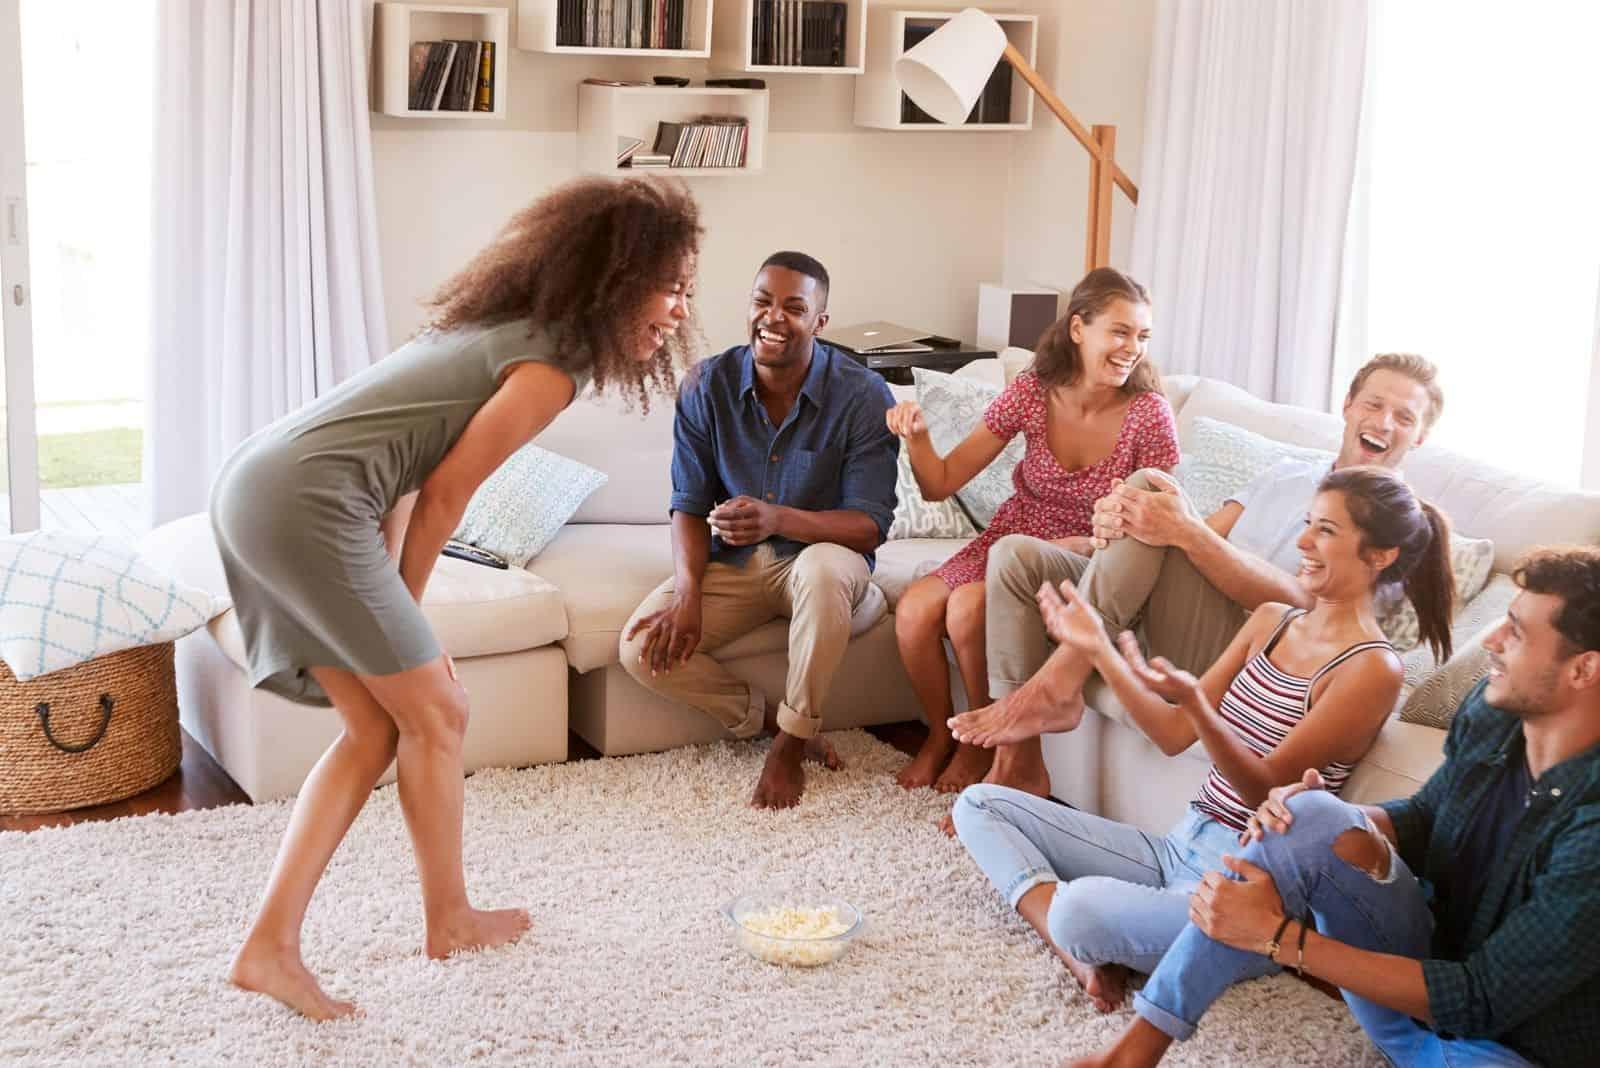 Freunde, die im Wohnzimmer Scharade spielen